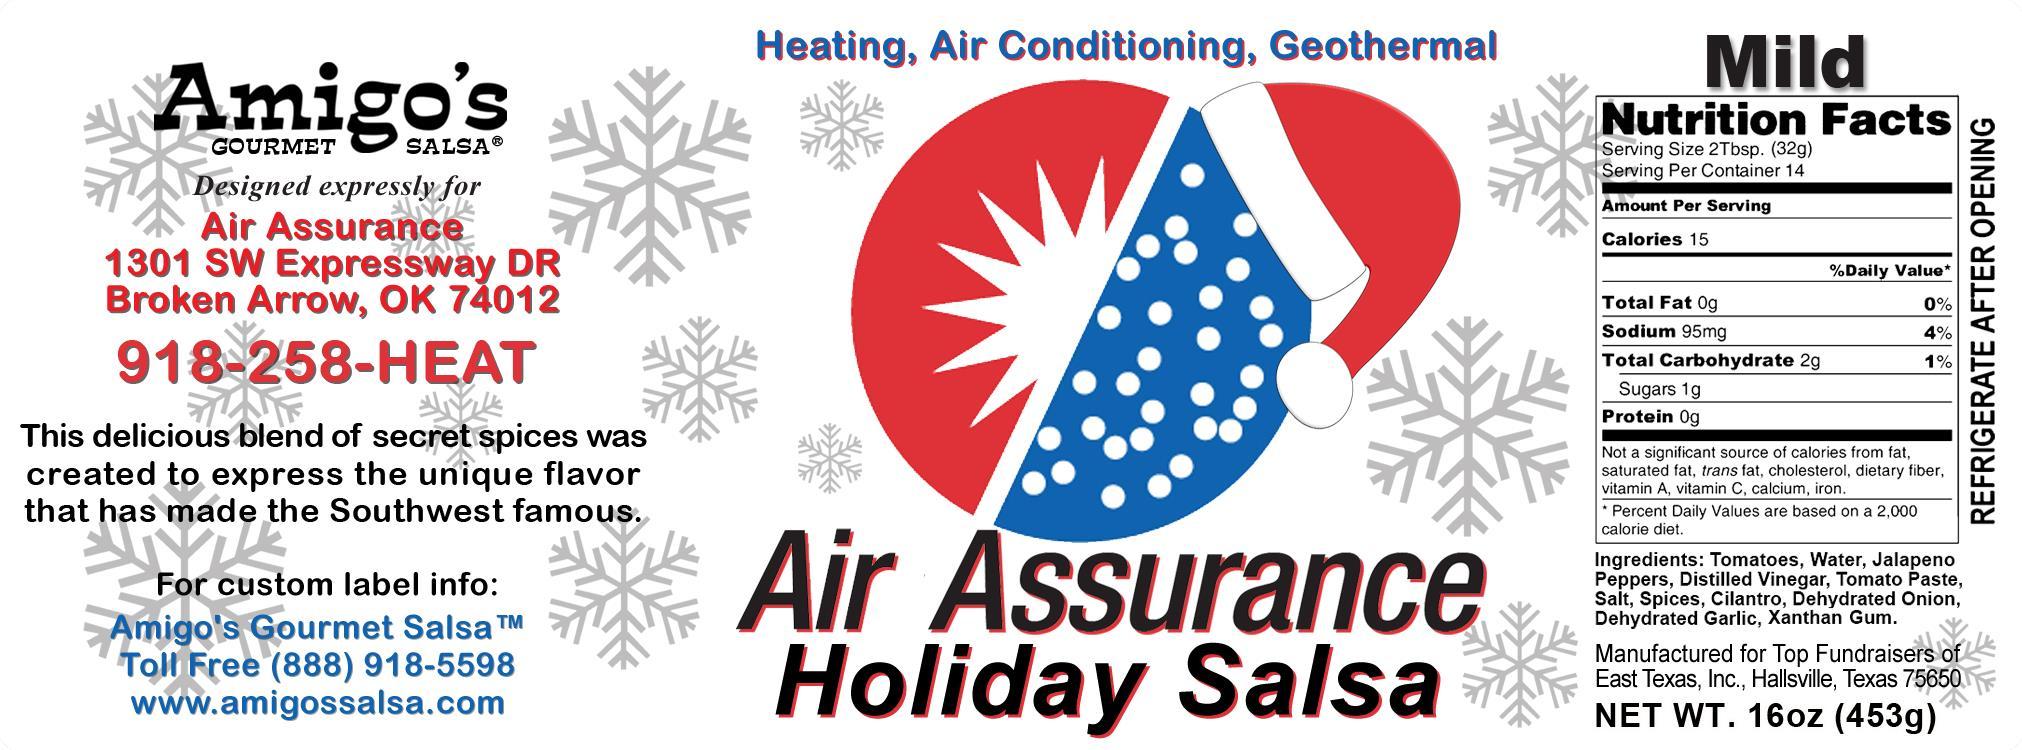 Air Assurance Jar Salsa Mild.jpg